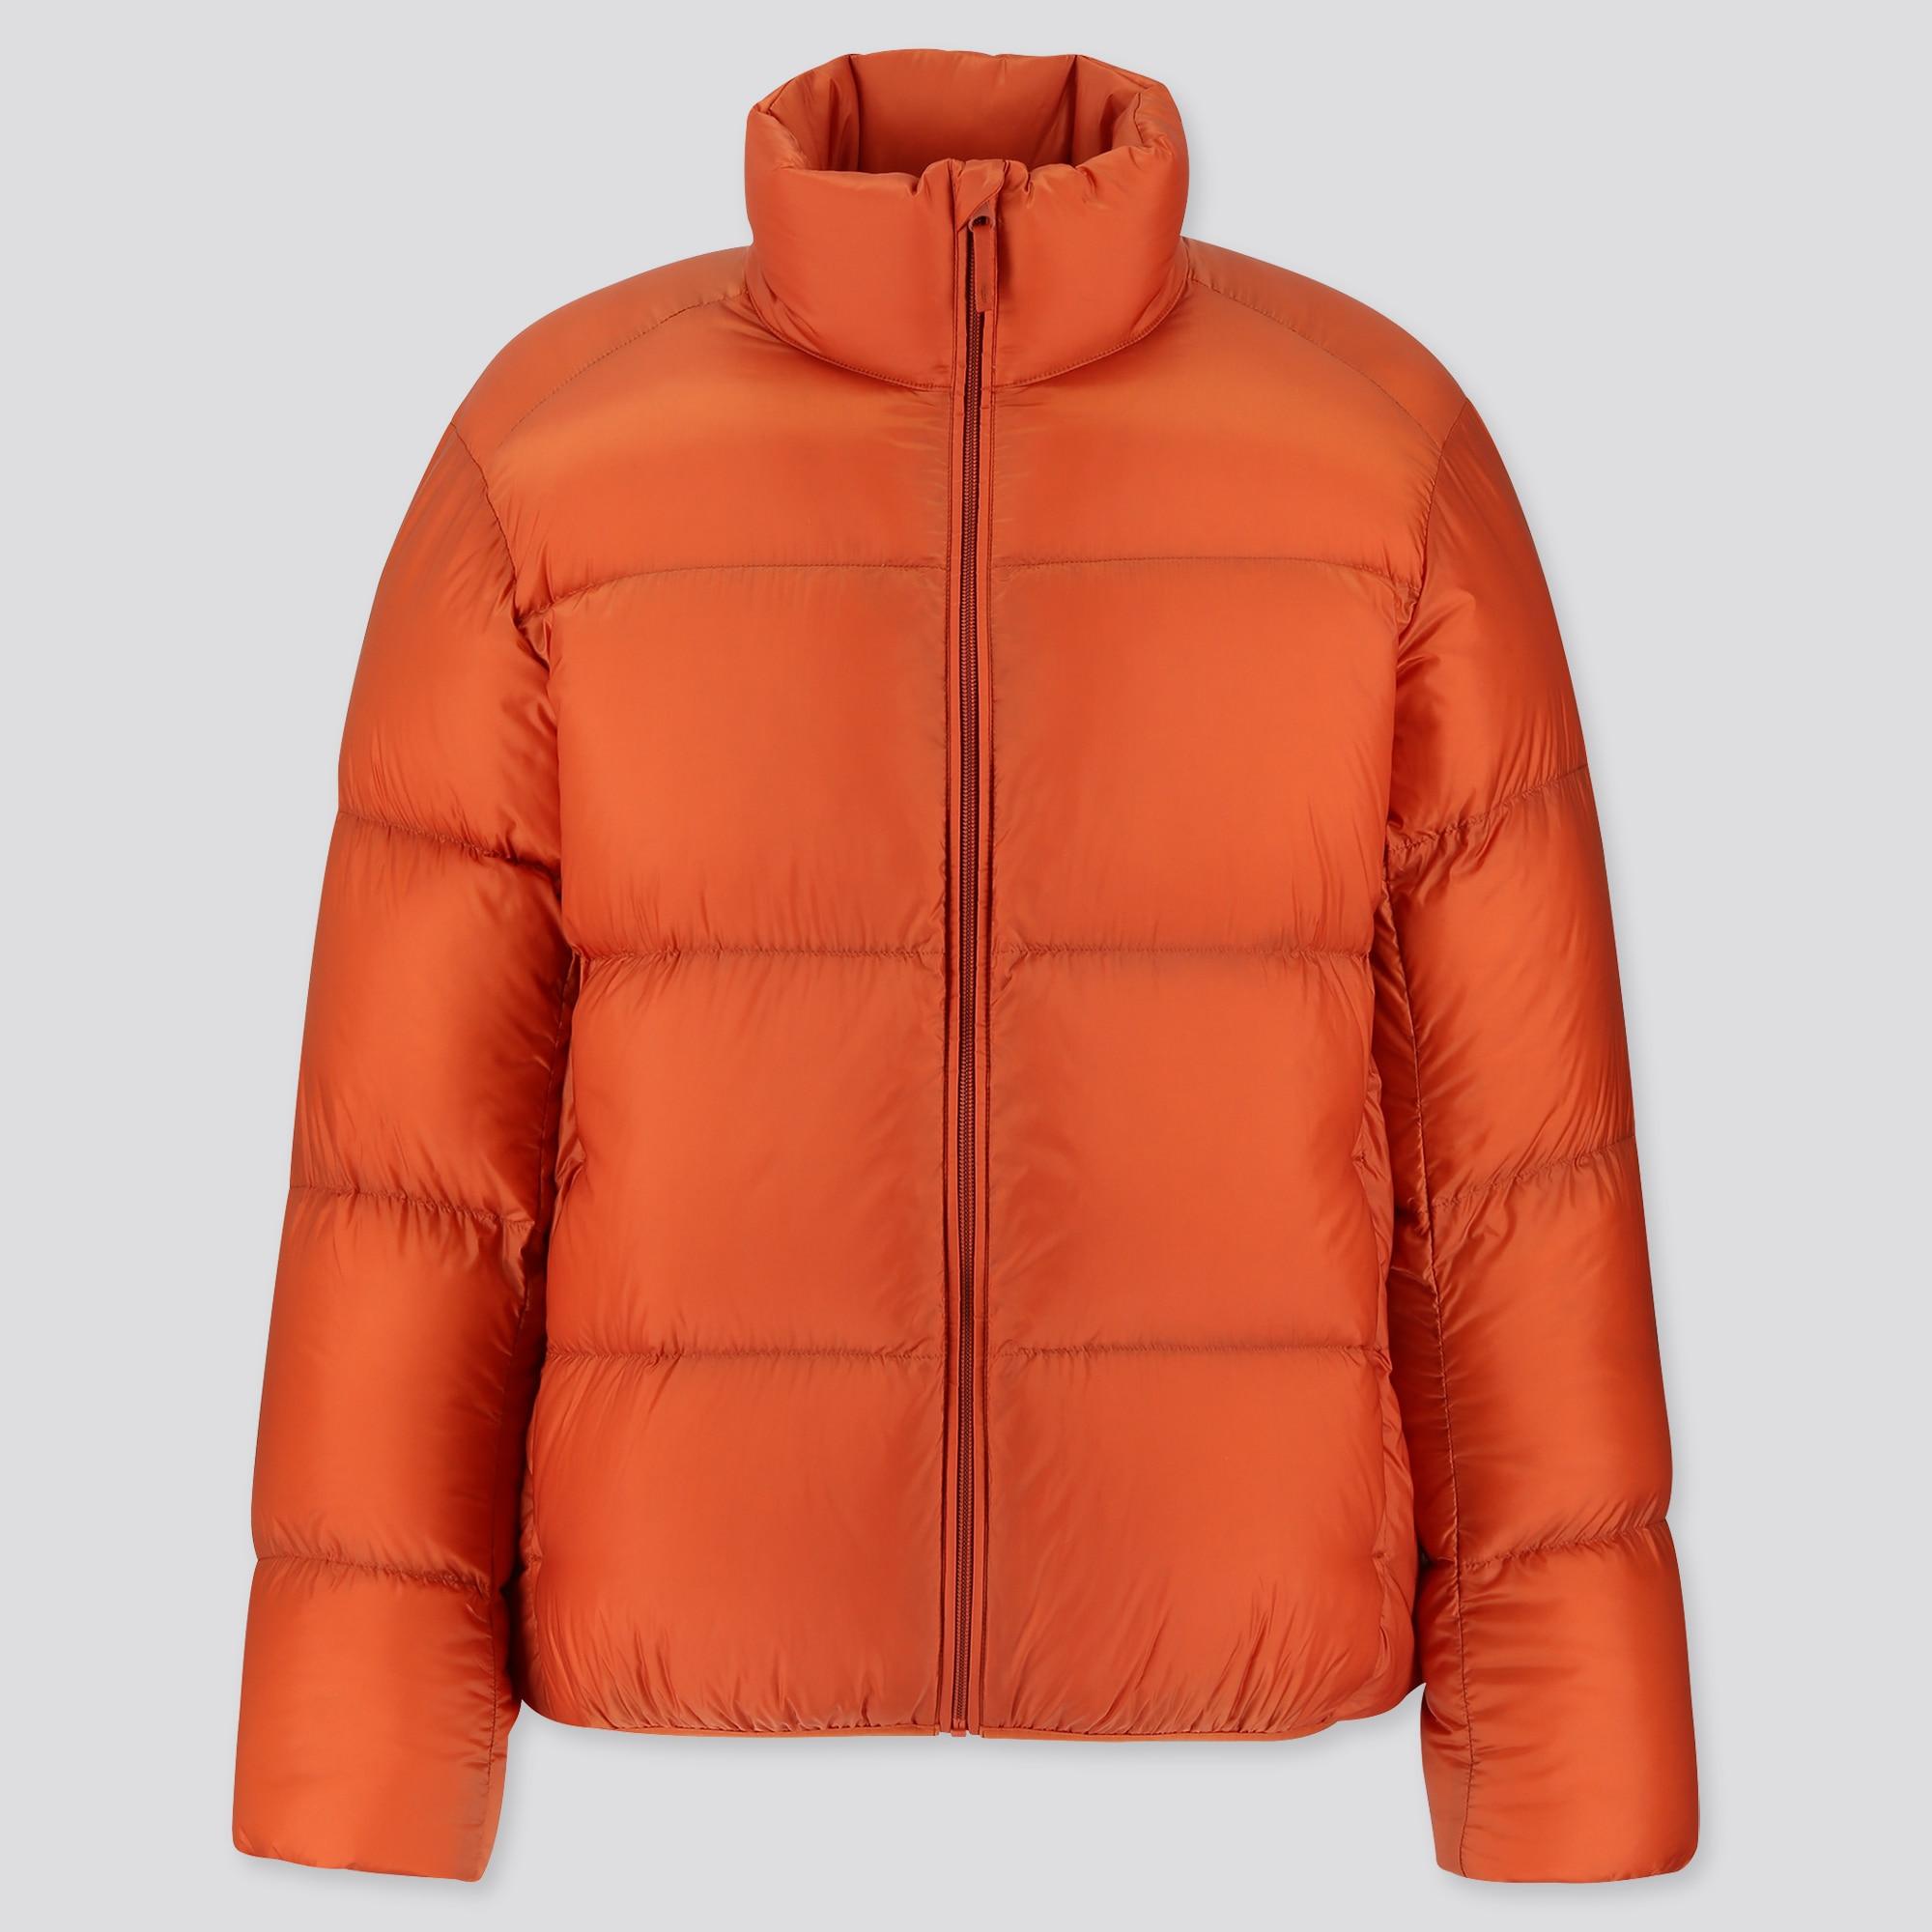 uniqlo doudoune homme orange